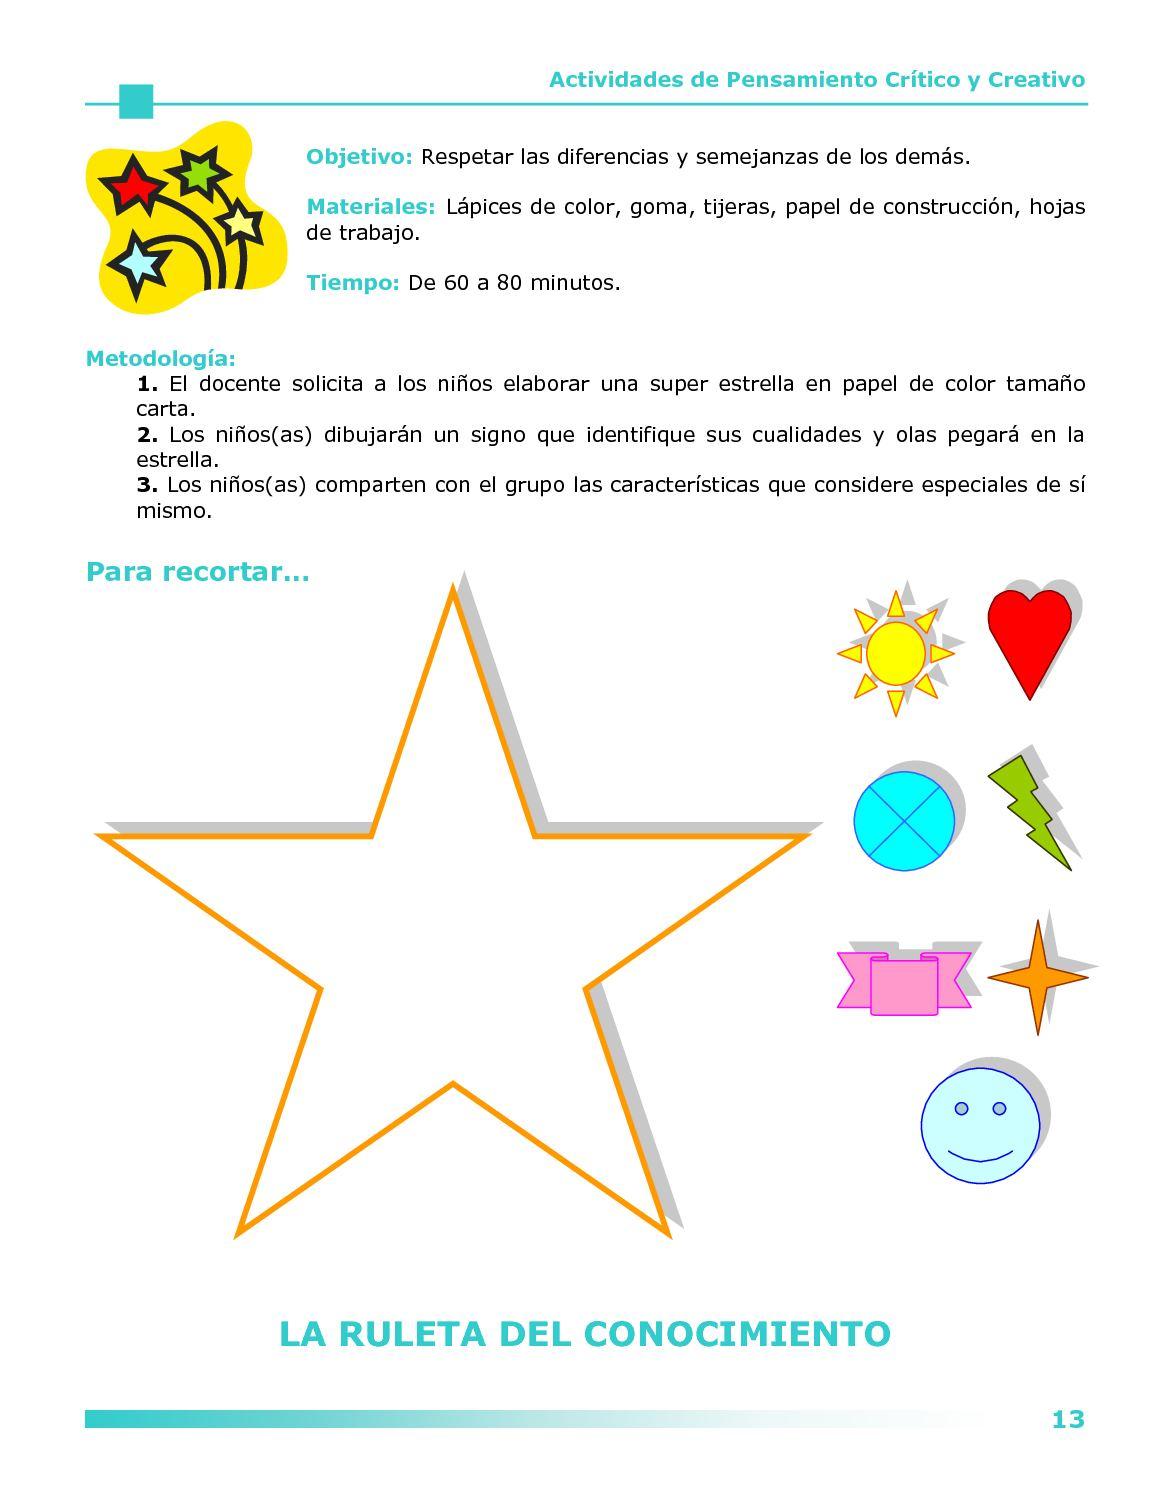 ACTIVIDADES DE PENSAMIENTO CRÍTICO Y CREATIVO - CALAMEO Downloader